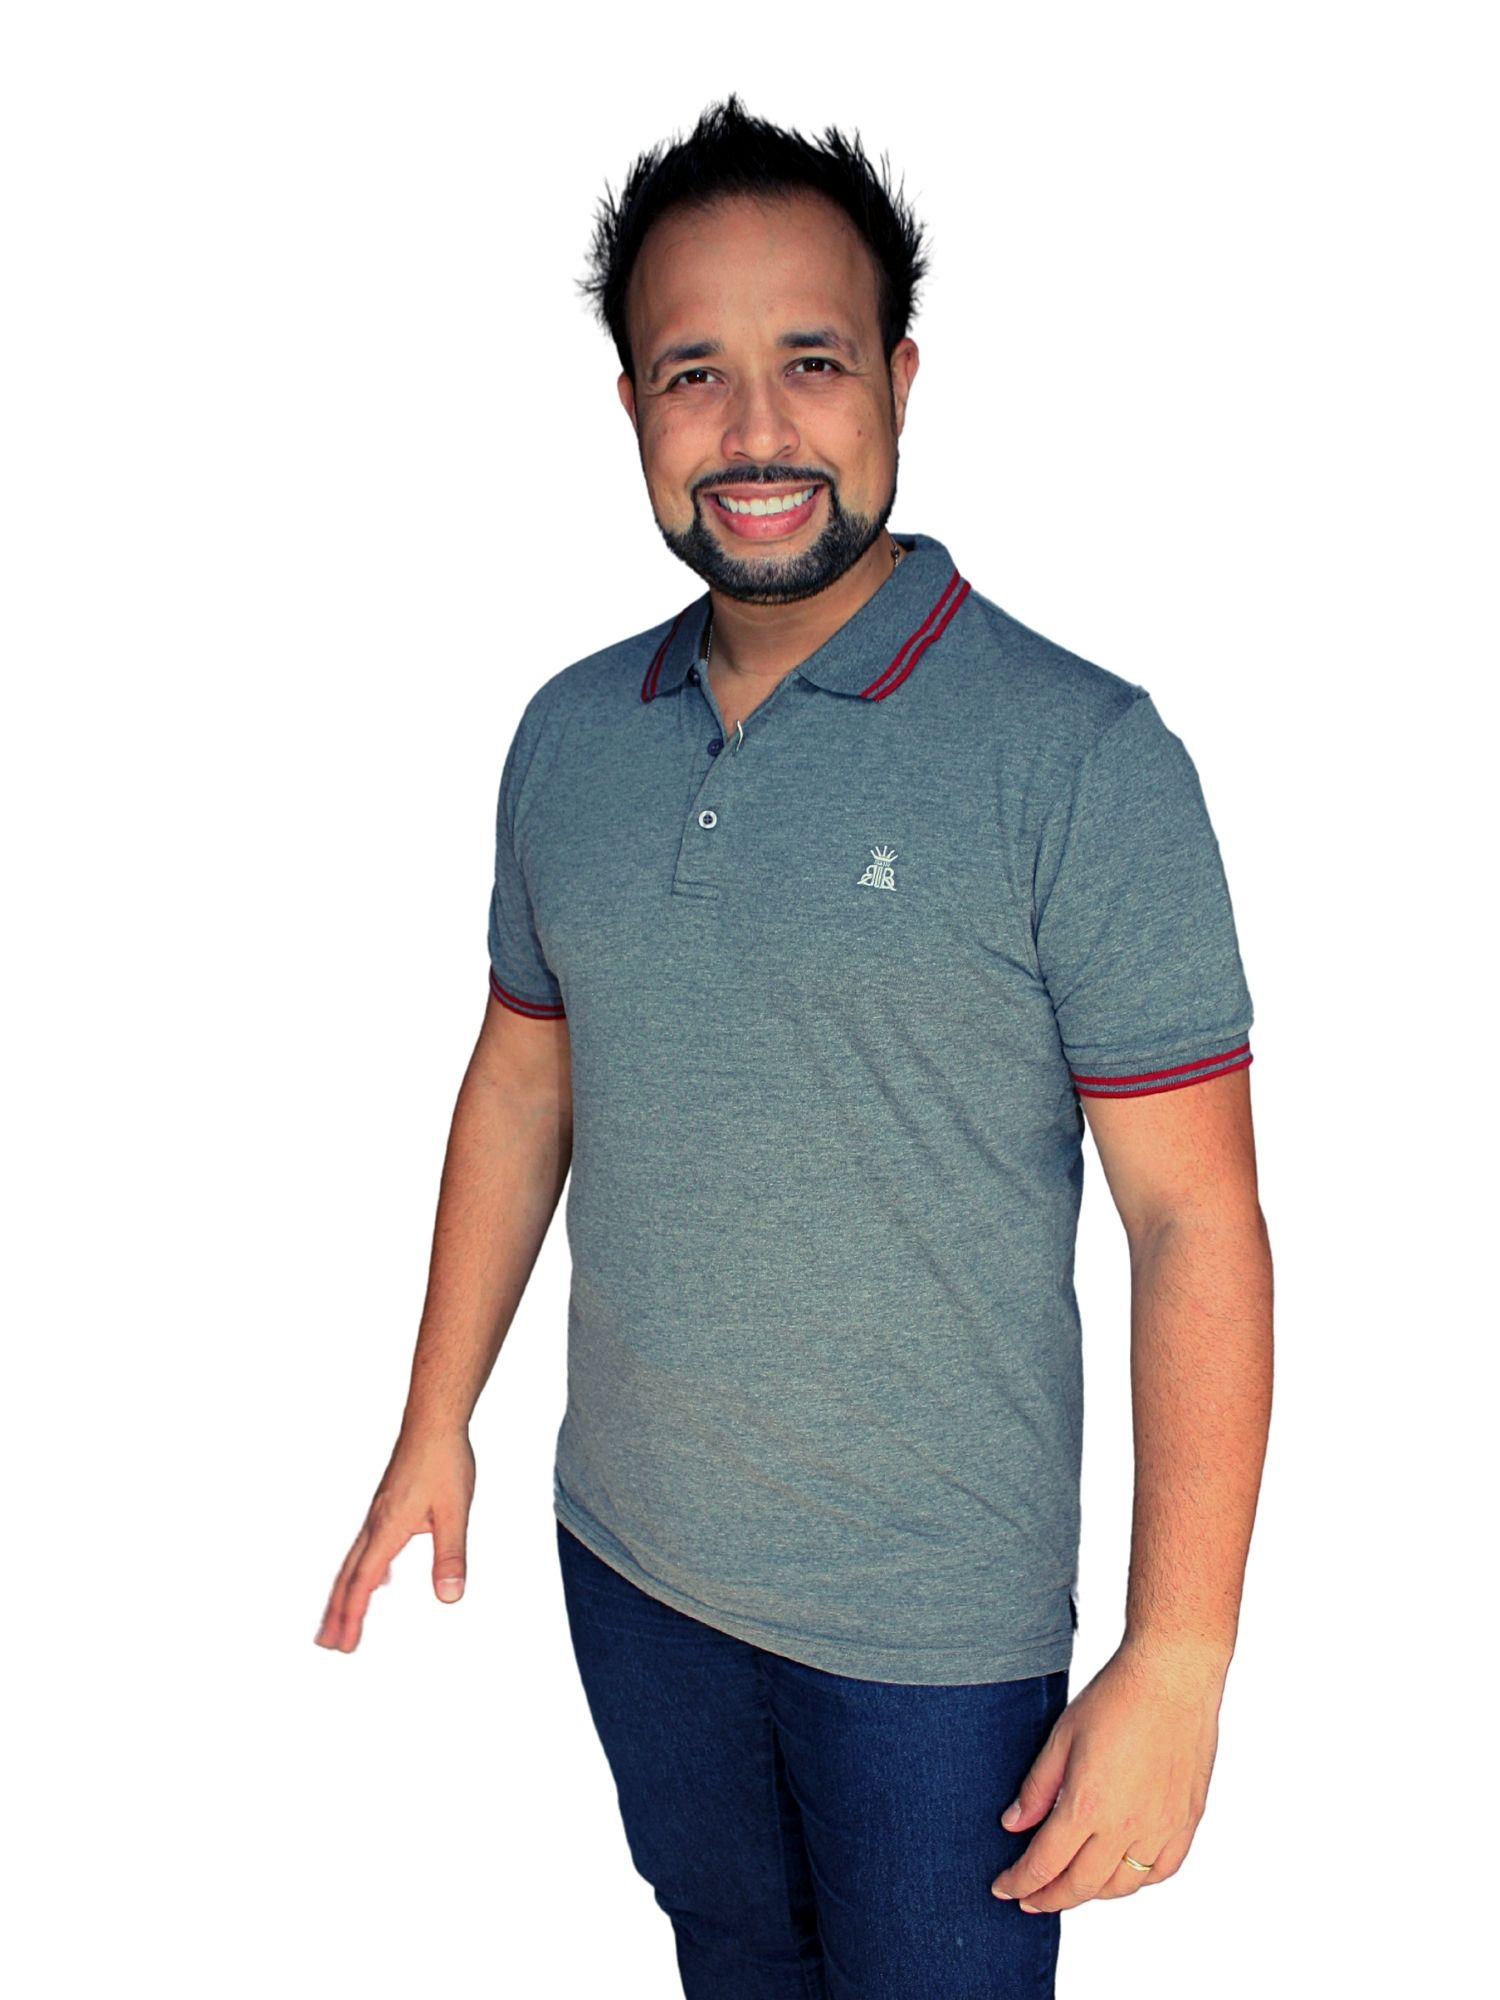 Camiseta Polo Broken Rules Facinelli  120209